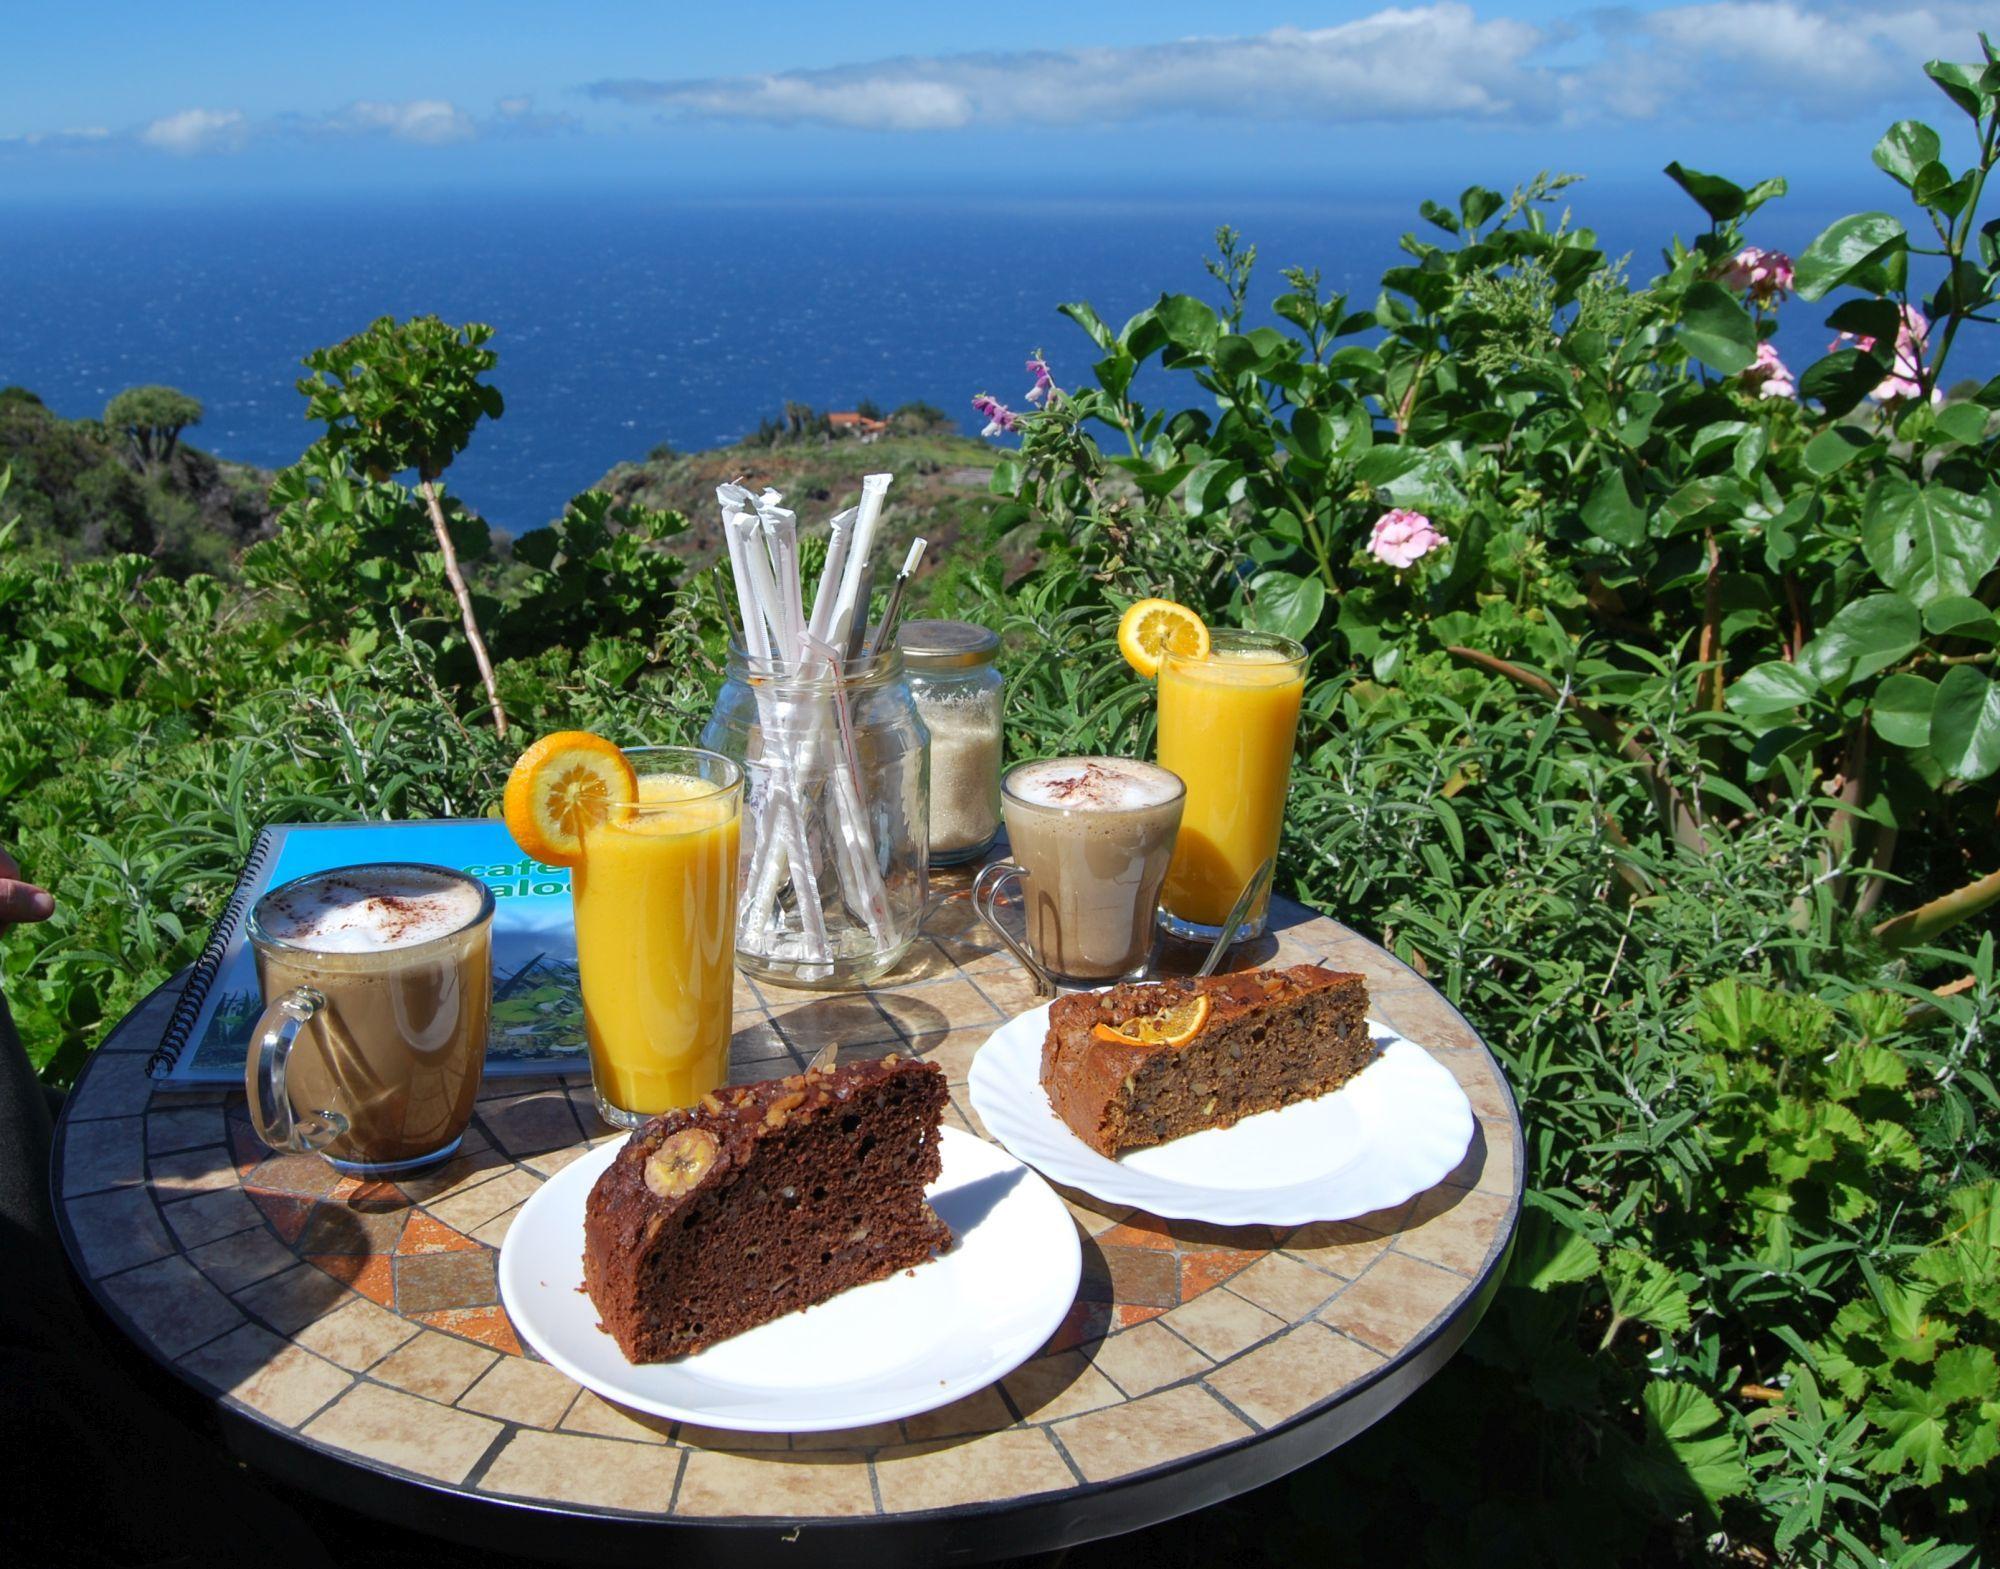 biologsche taart La Palma